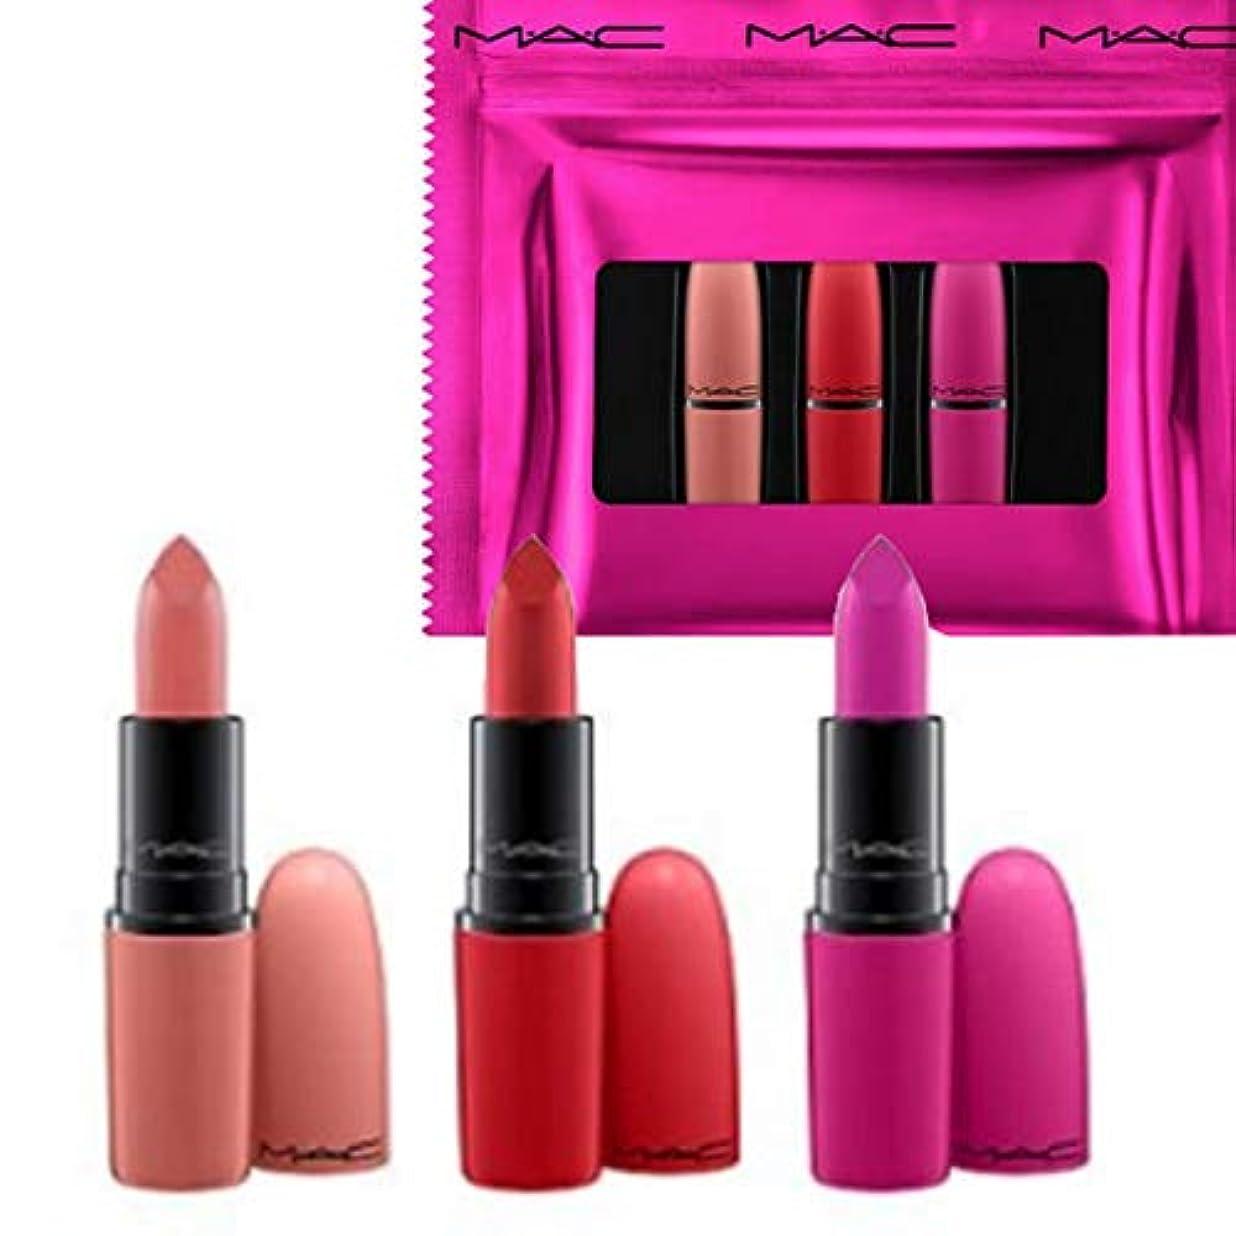 発生する褐色ブローホールM.A.C ?マック, Limited Edition 限定版, 3-Pc. Shiny Pretty Things Lip Set - Russian Red/Kinda Sexy/Flat Out Fabulous...